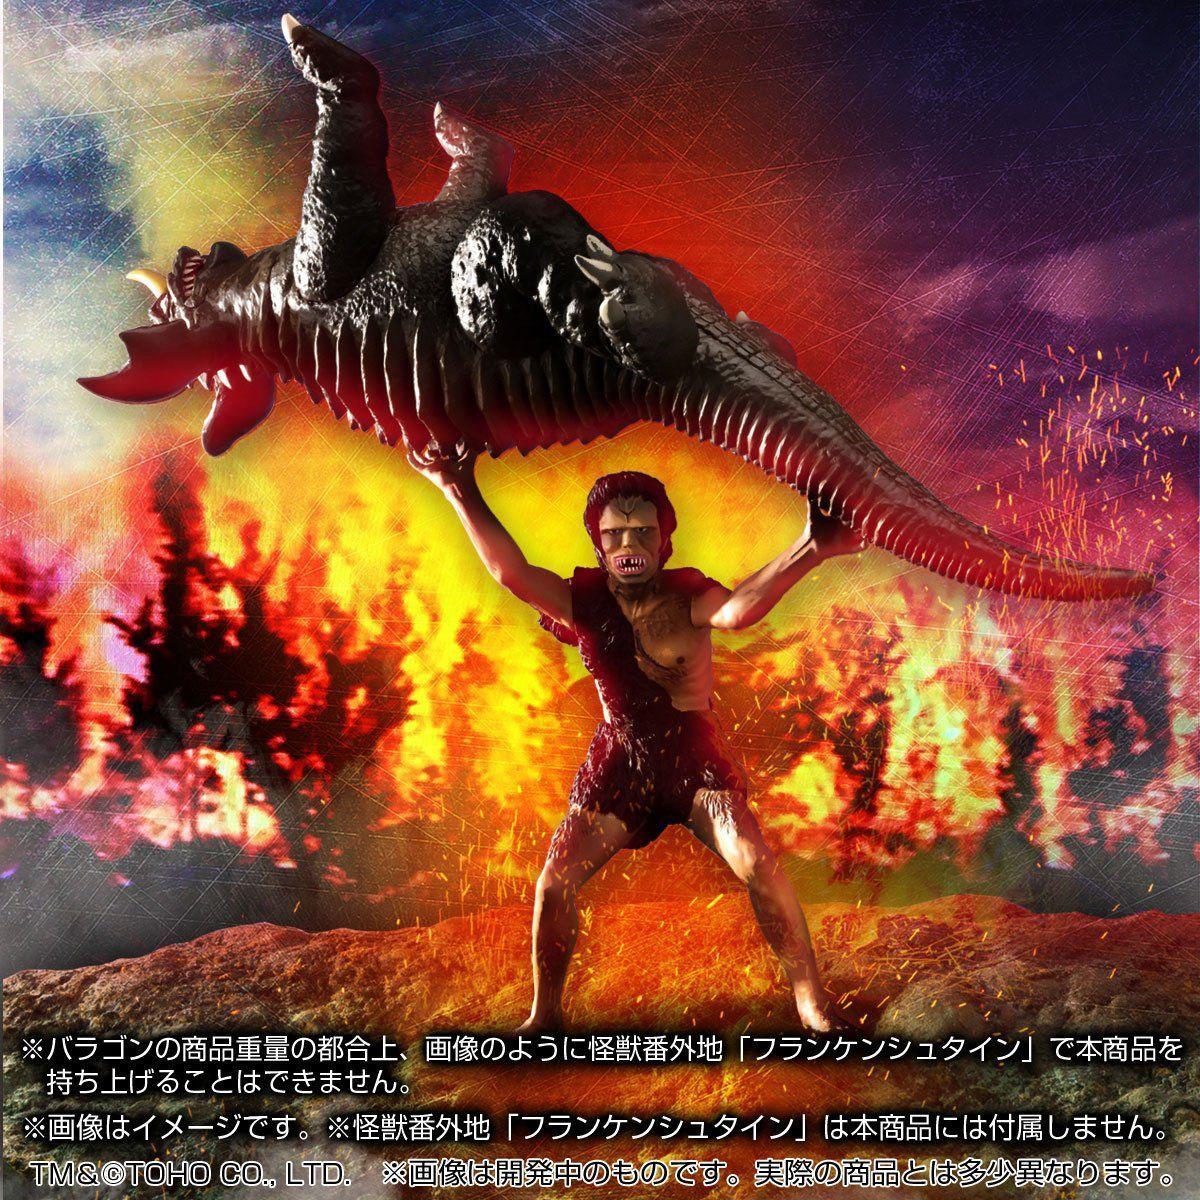 怪獣番外地『地底怪獣バラゴン』ソフビ フィギュア-002